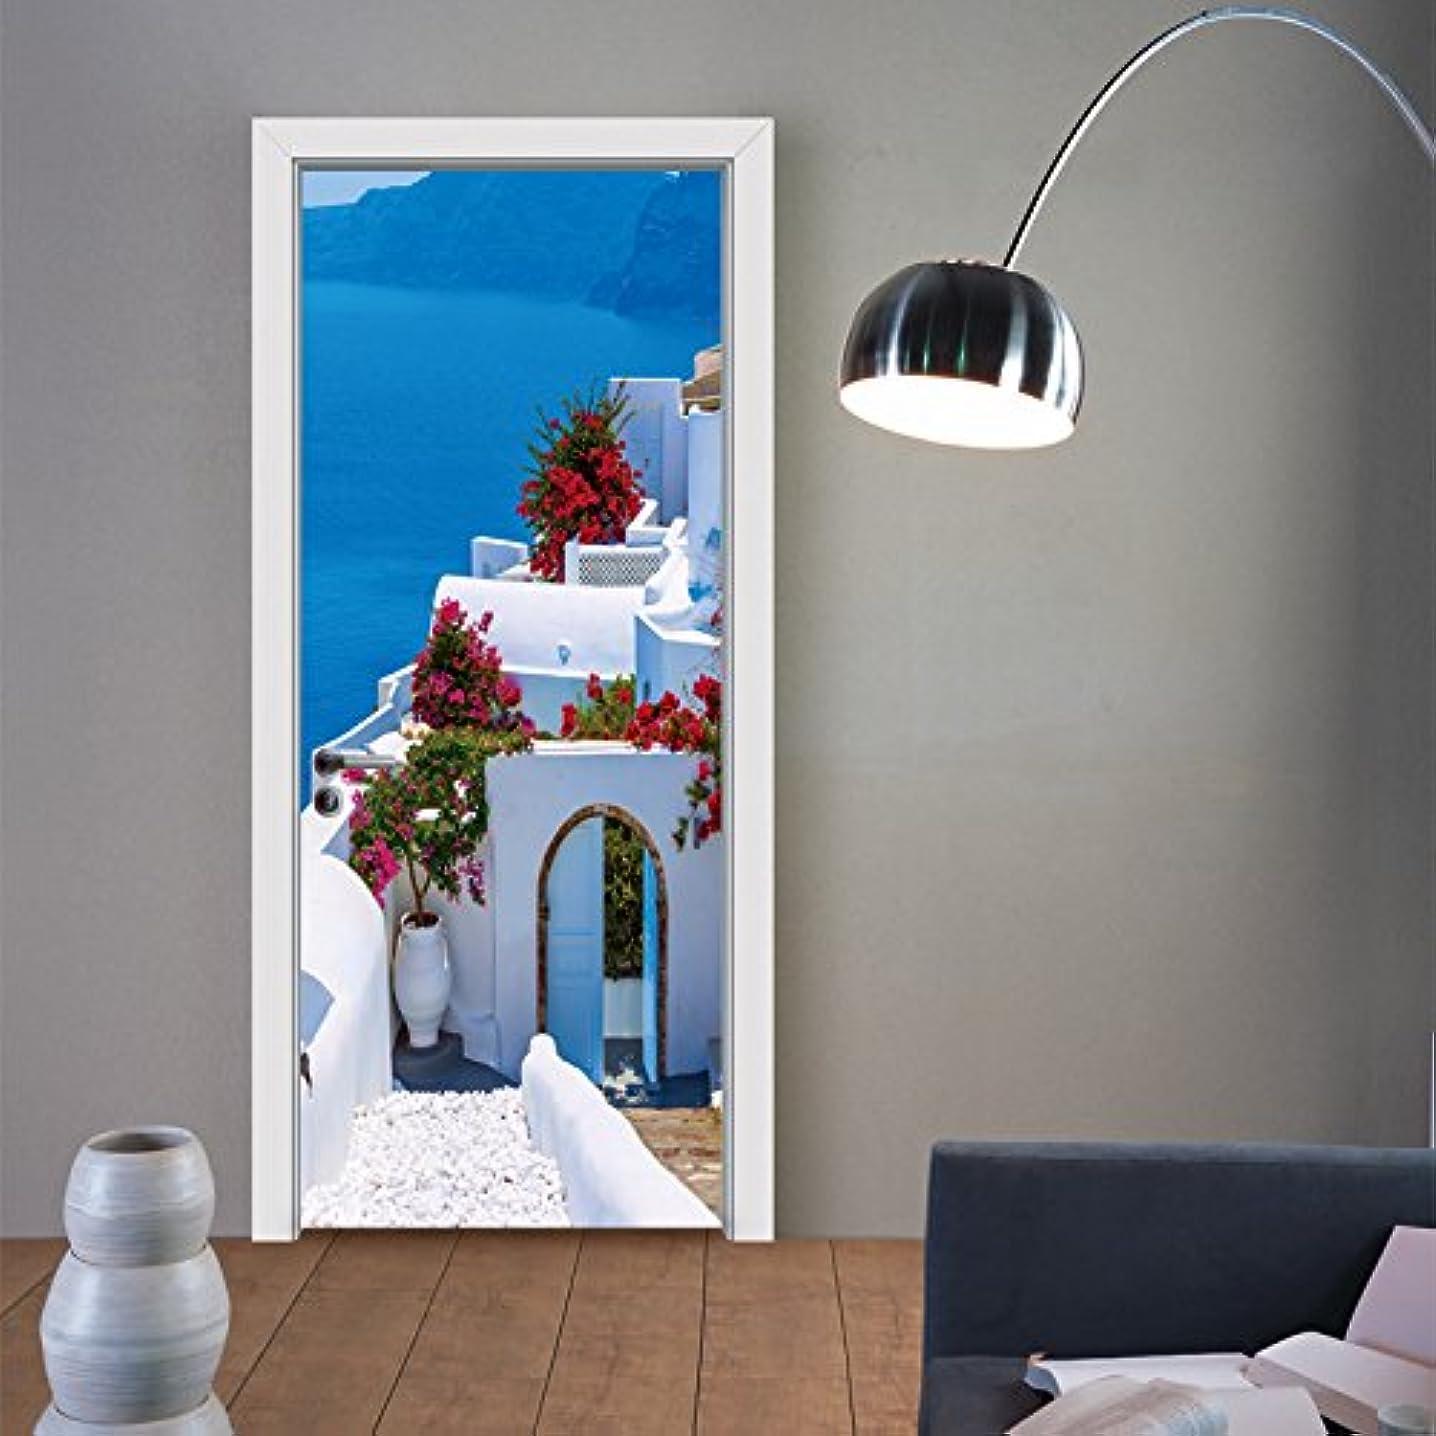 水曜日明るい求人Star Moon Moo ドア用のステッカー ウォールステッカー 地中海の建物 ギリシャ はがせる オシャレ 部屋 壁飾り トイレ 3D立体 壁紙